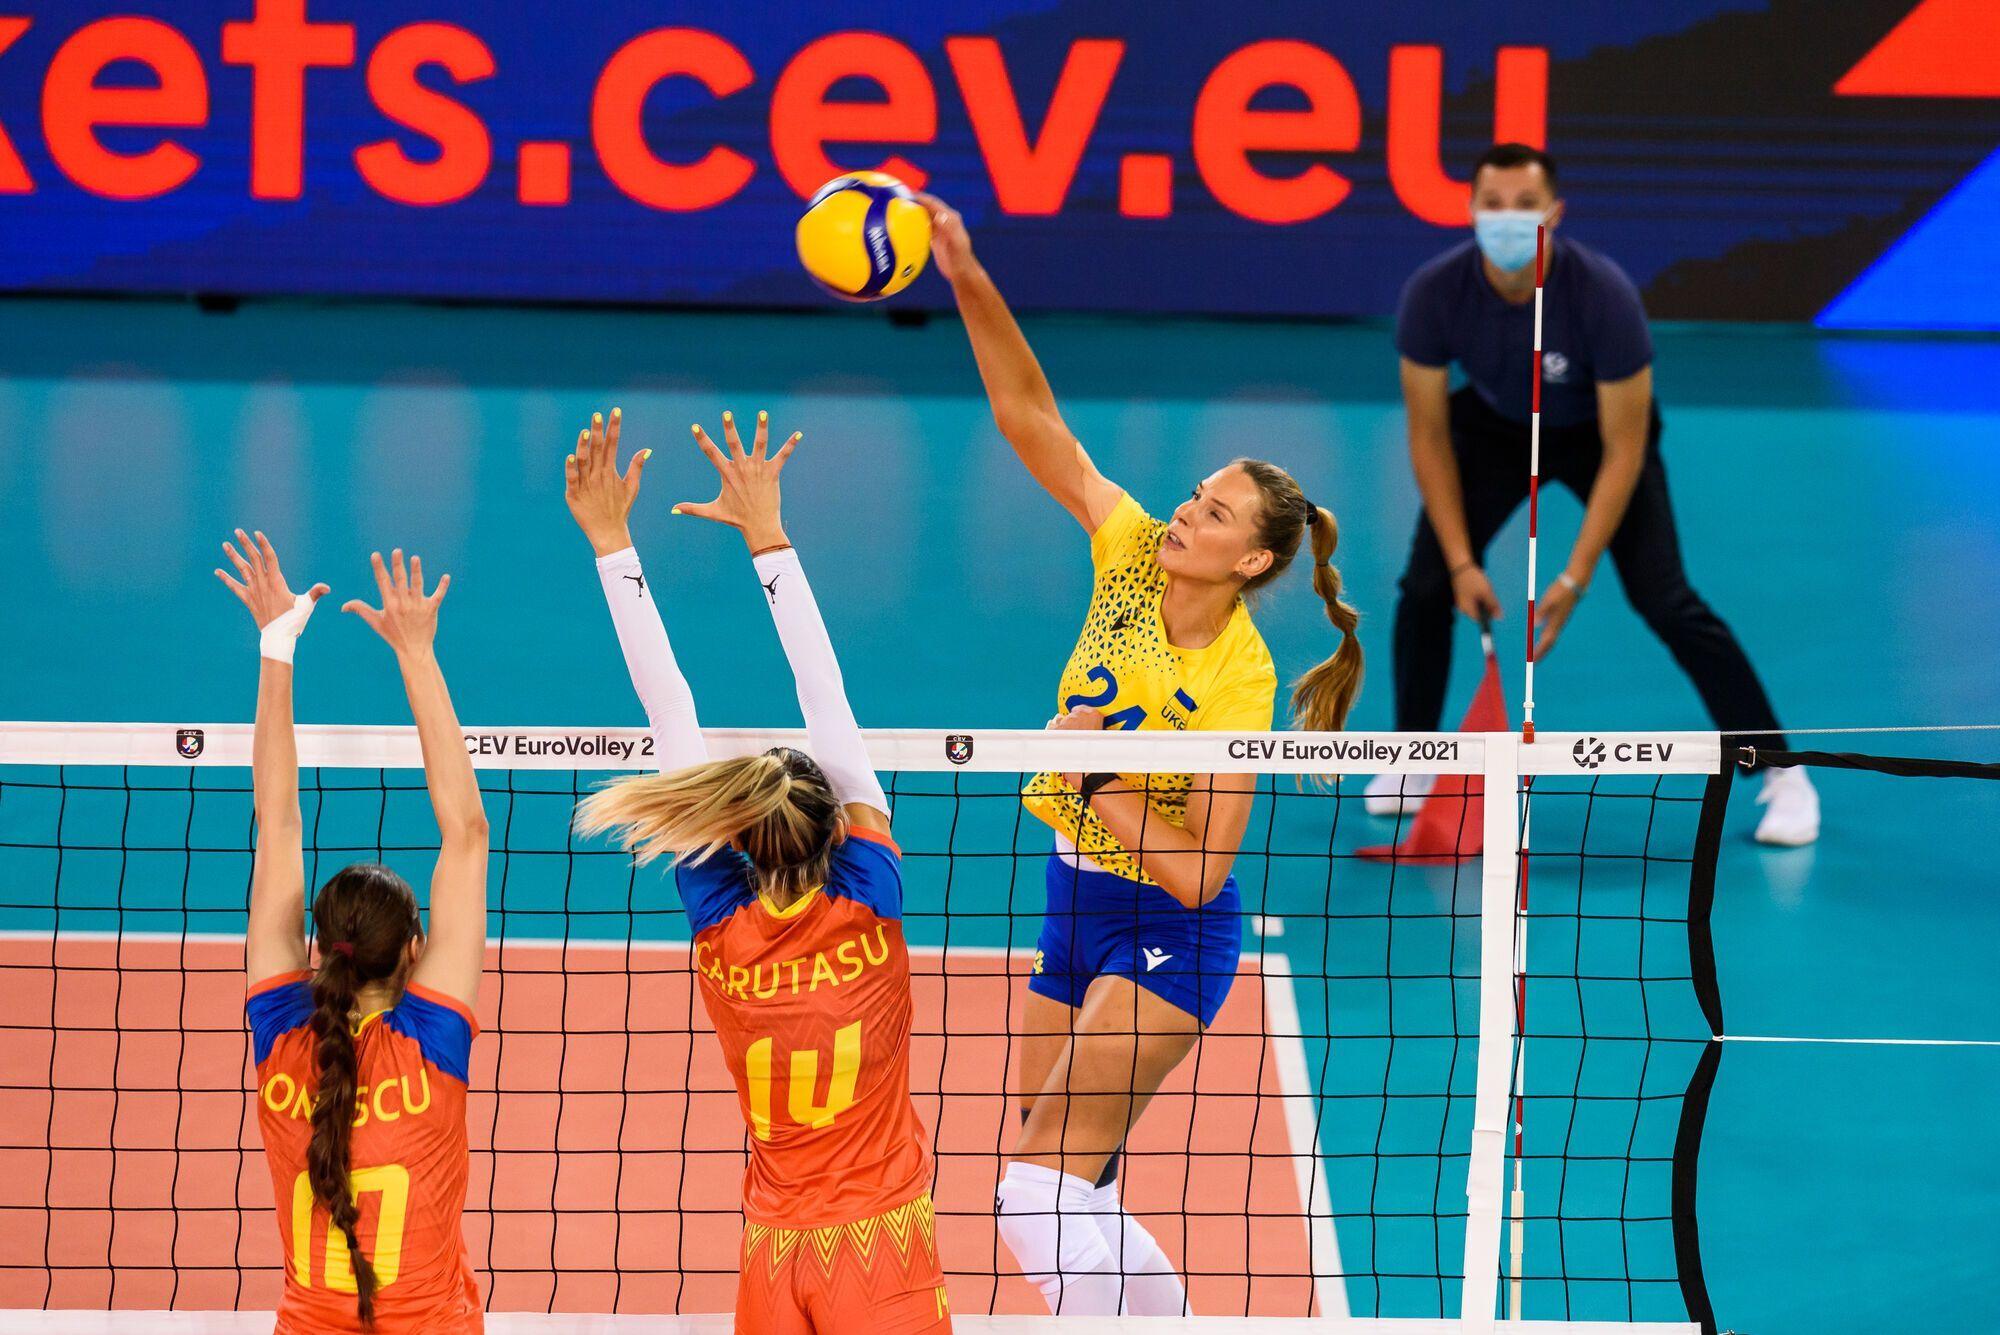 Волейболистка Олеся Рыхлюк сборная Украины